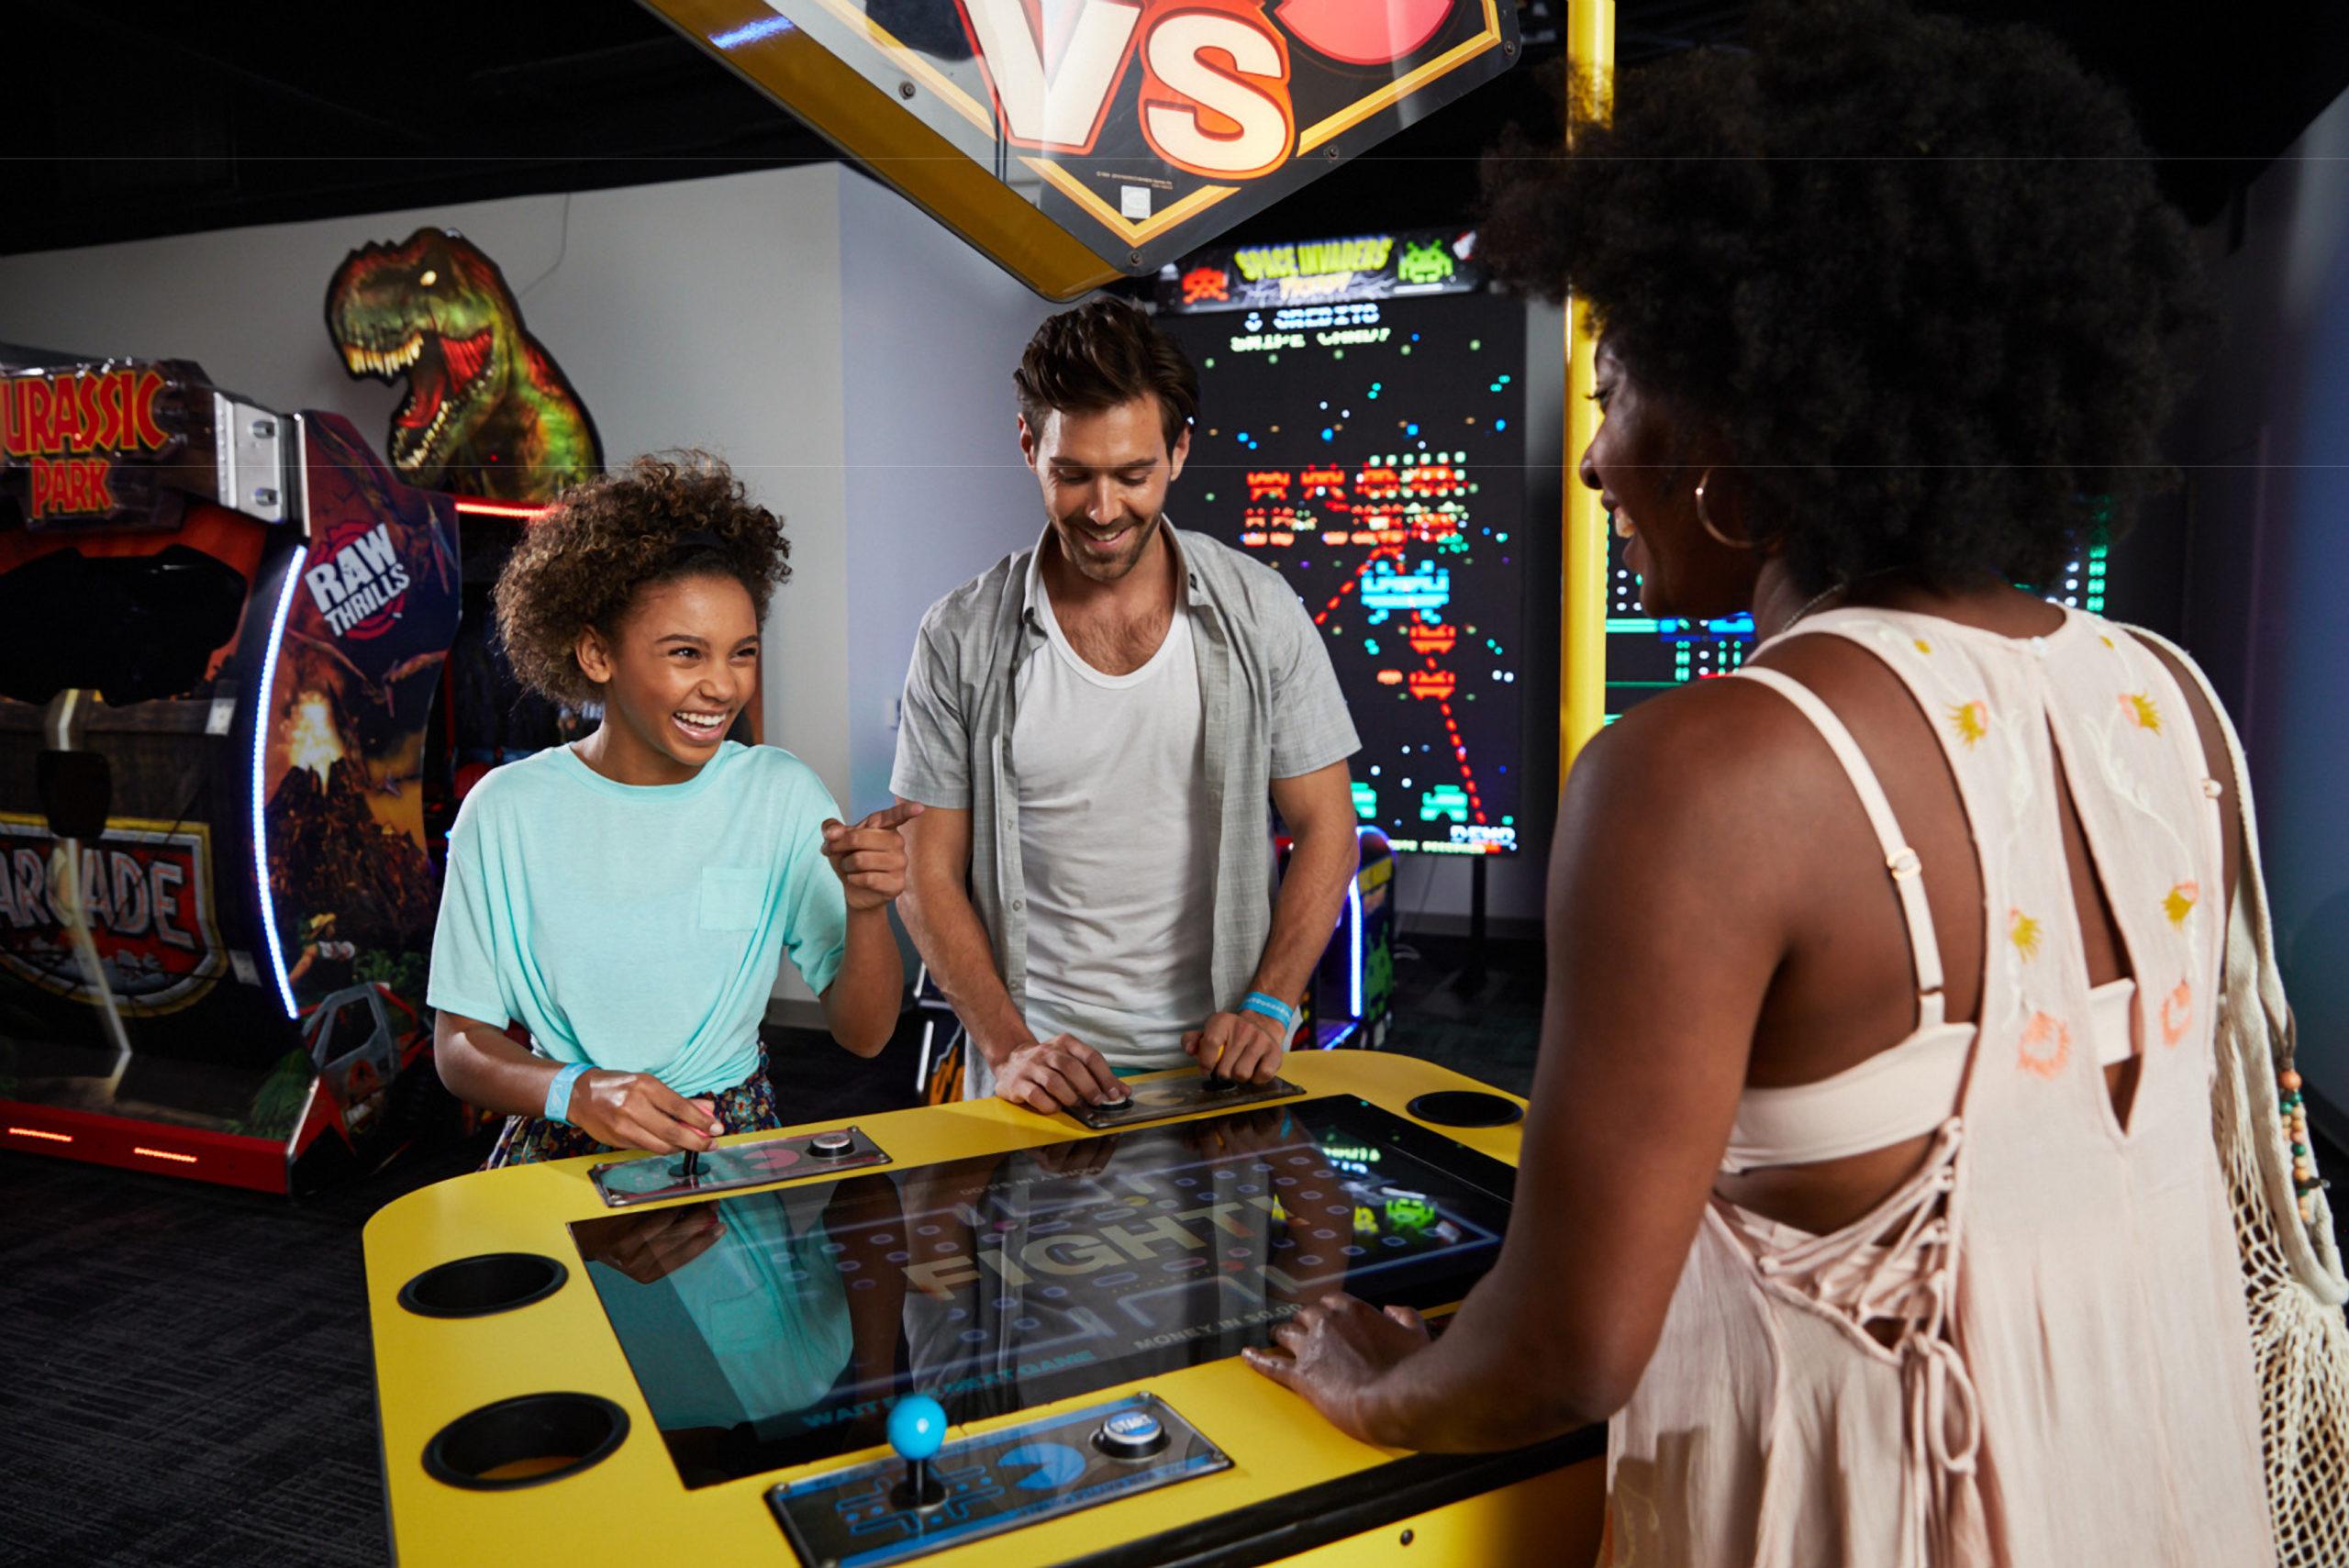 Arcade at Gaylord Opryland